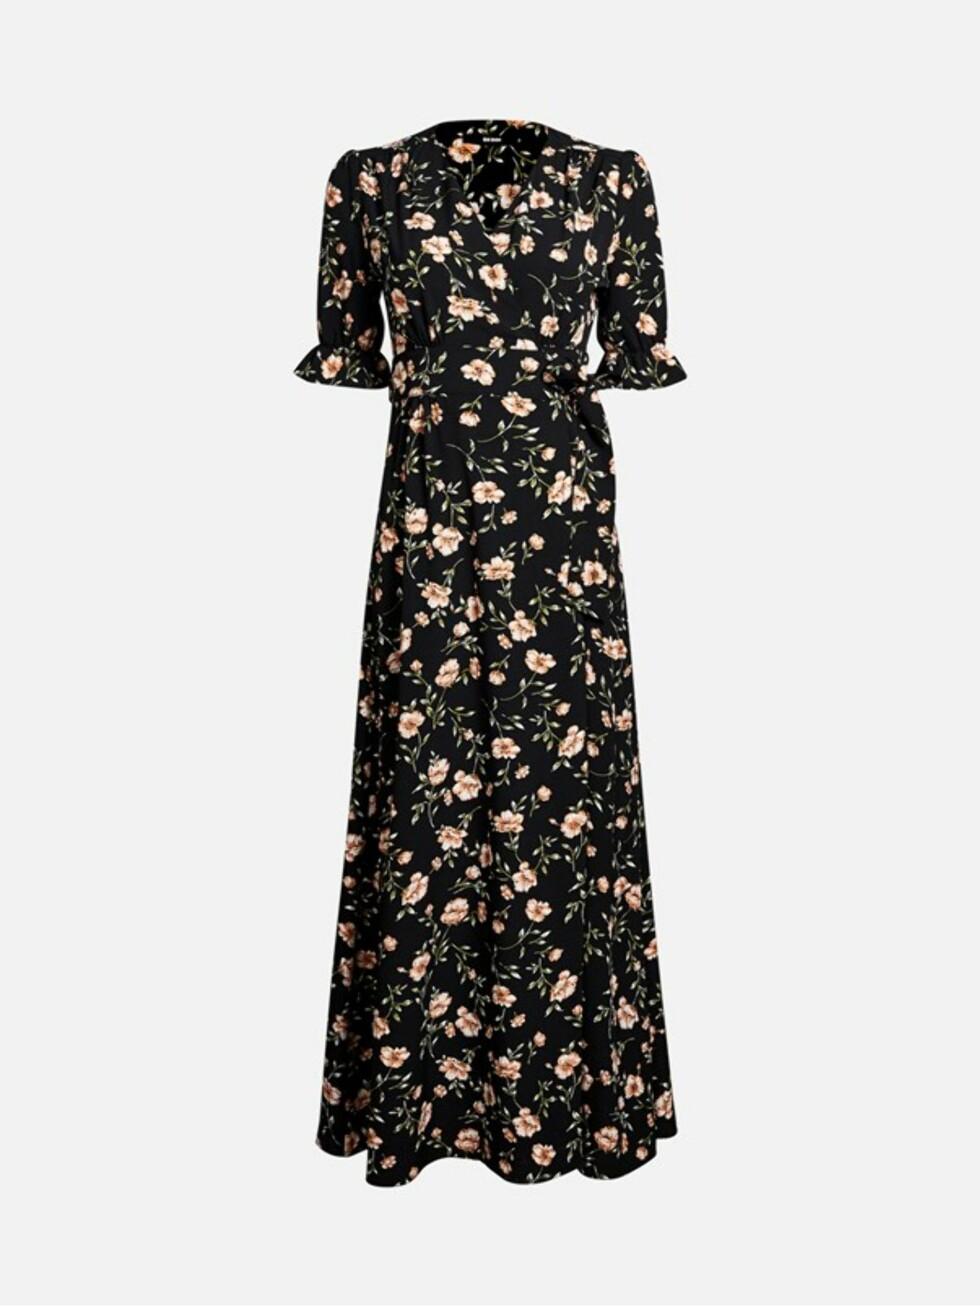 Kjole fra Bik Bok |399,-| https://bikbok.com/no/p/kjoler/cate-kjole/7217924_F001